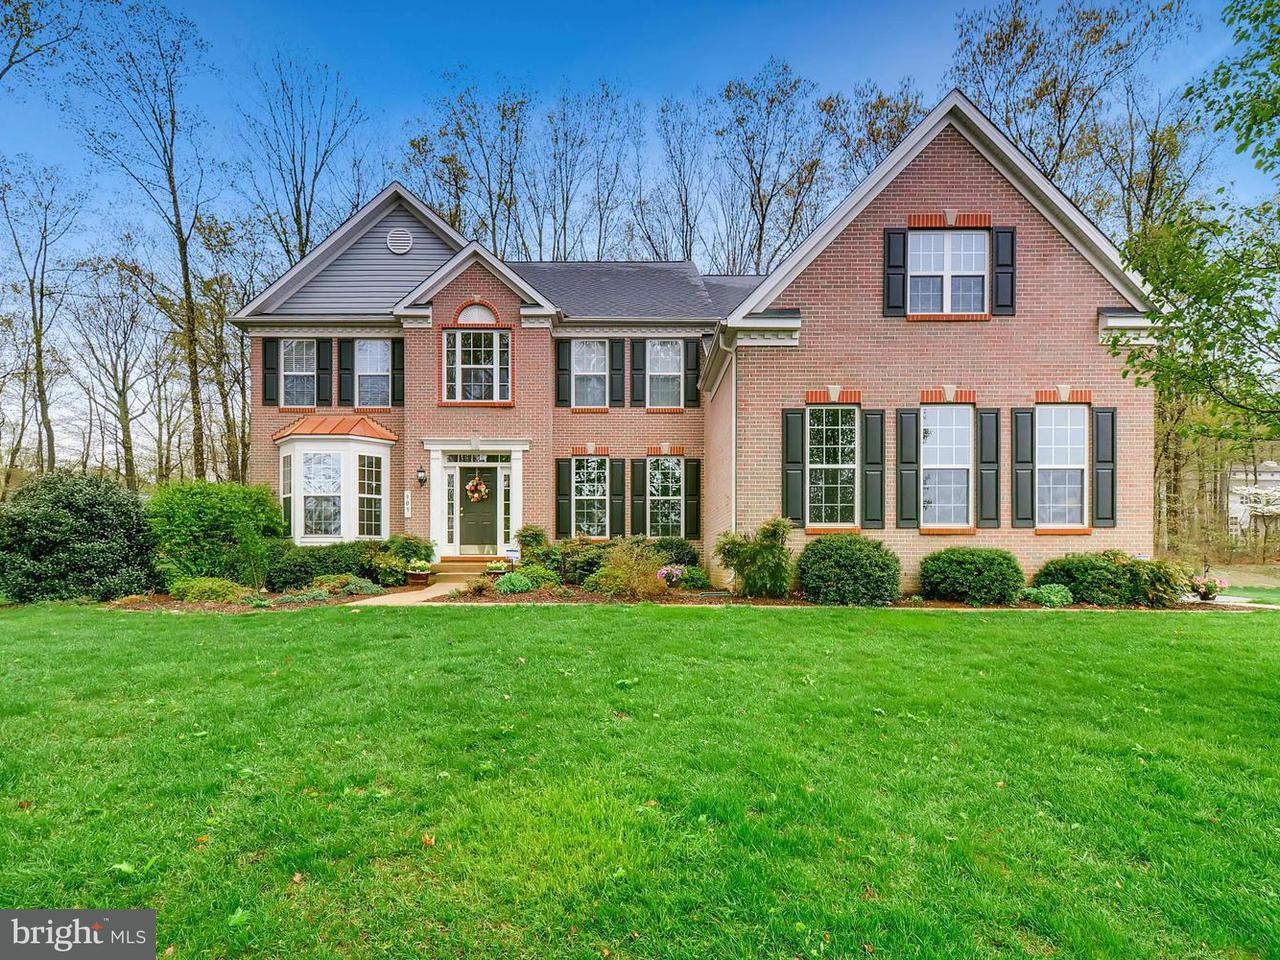 Casa Unifamiliar por un Venta en 909 Zenith Drive 909 Zenith Drive Freeland, Maryland 21053 Estados Unidos